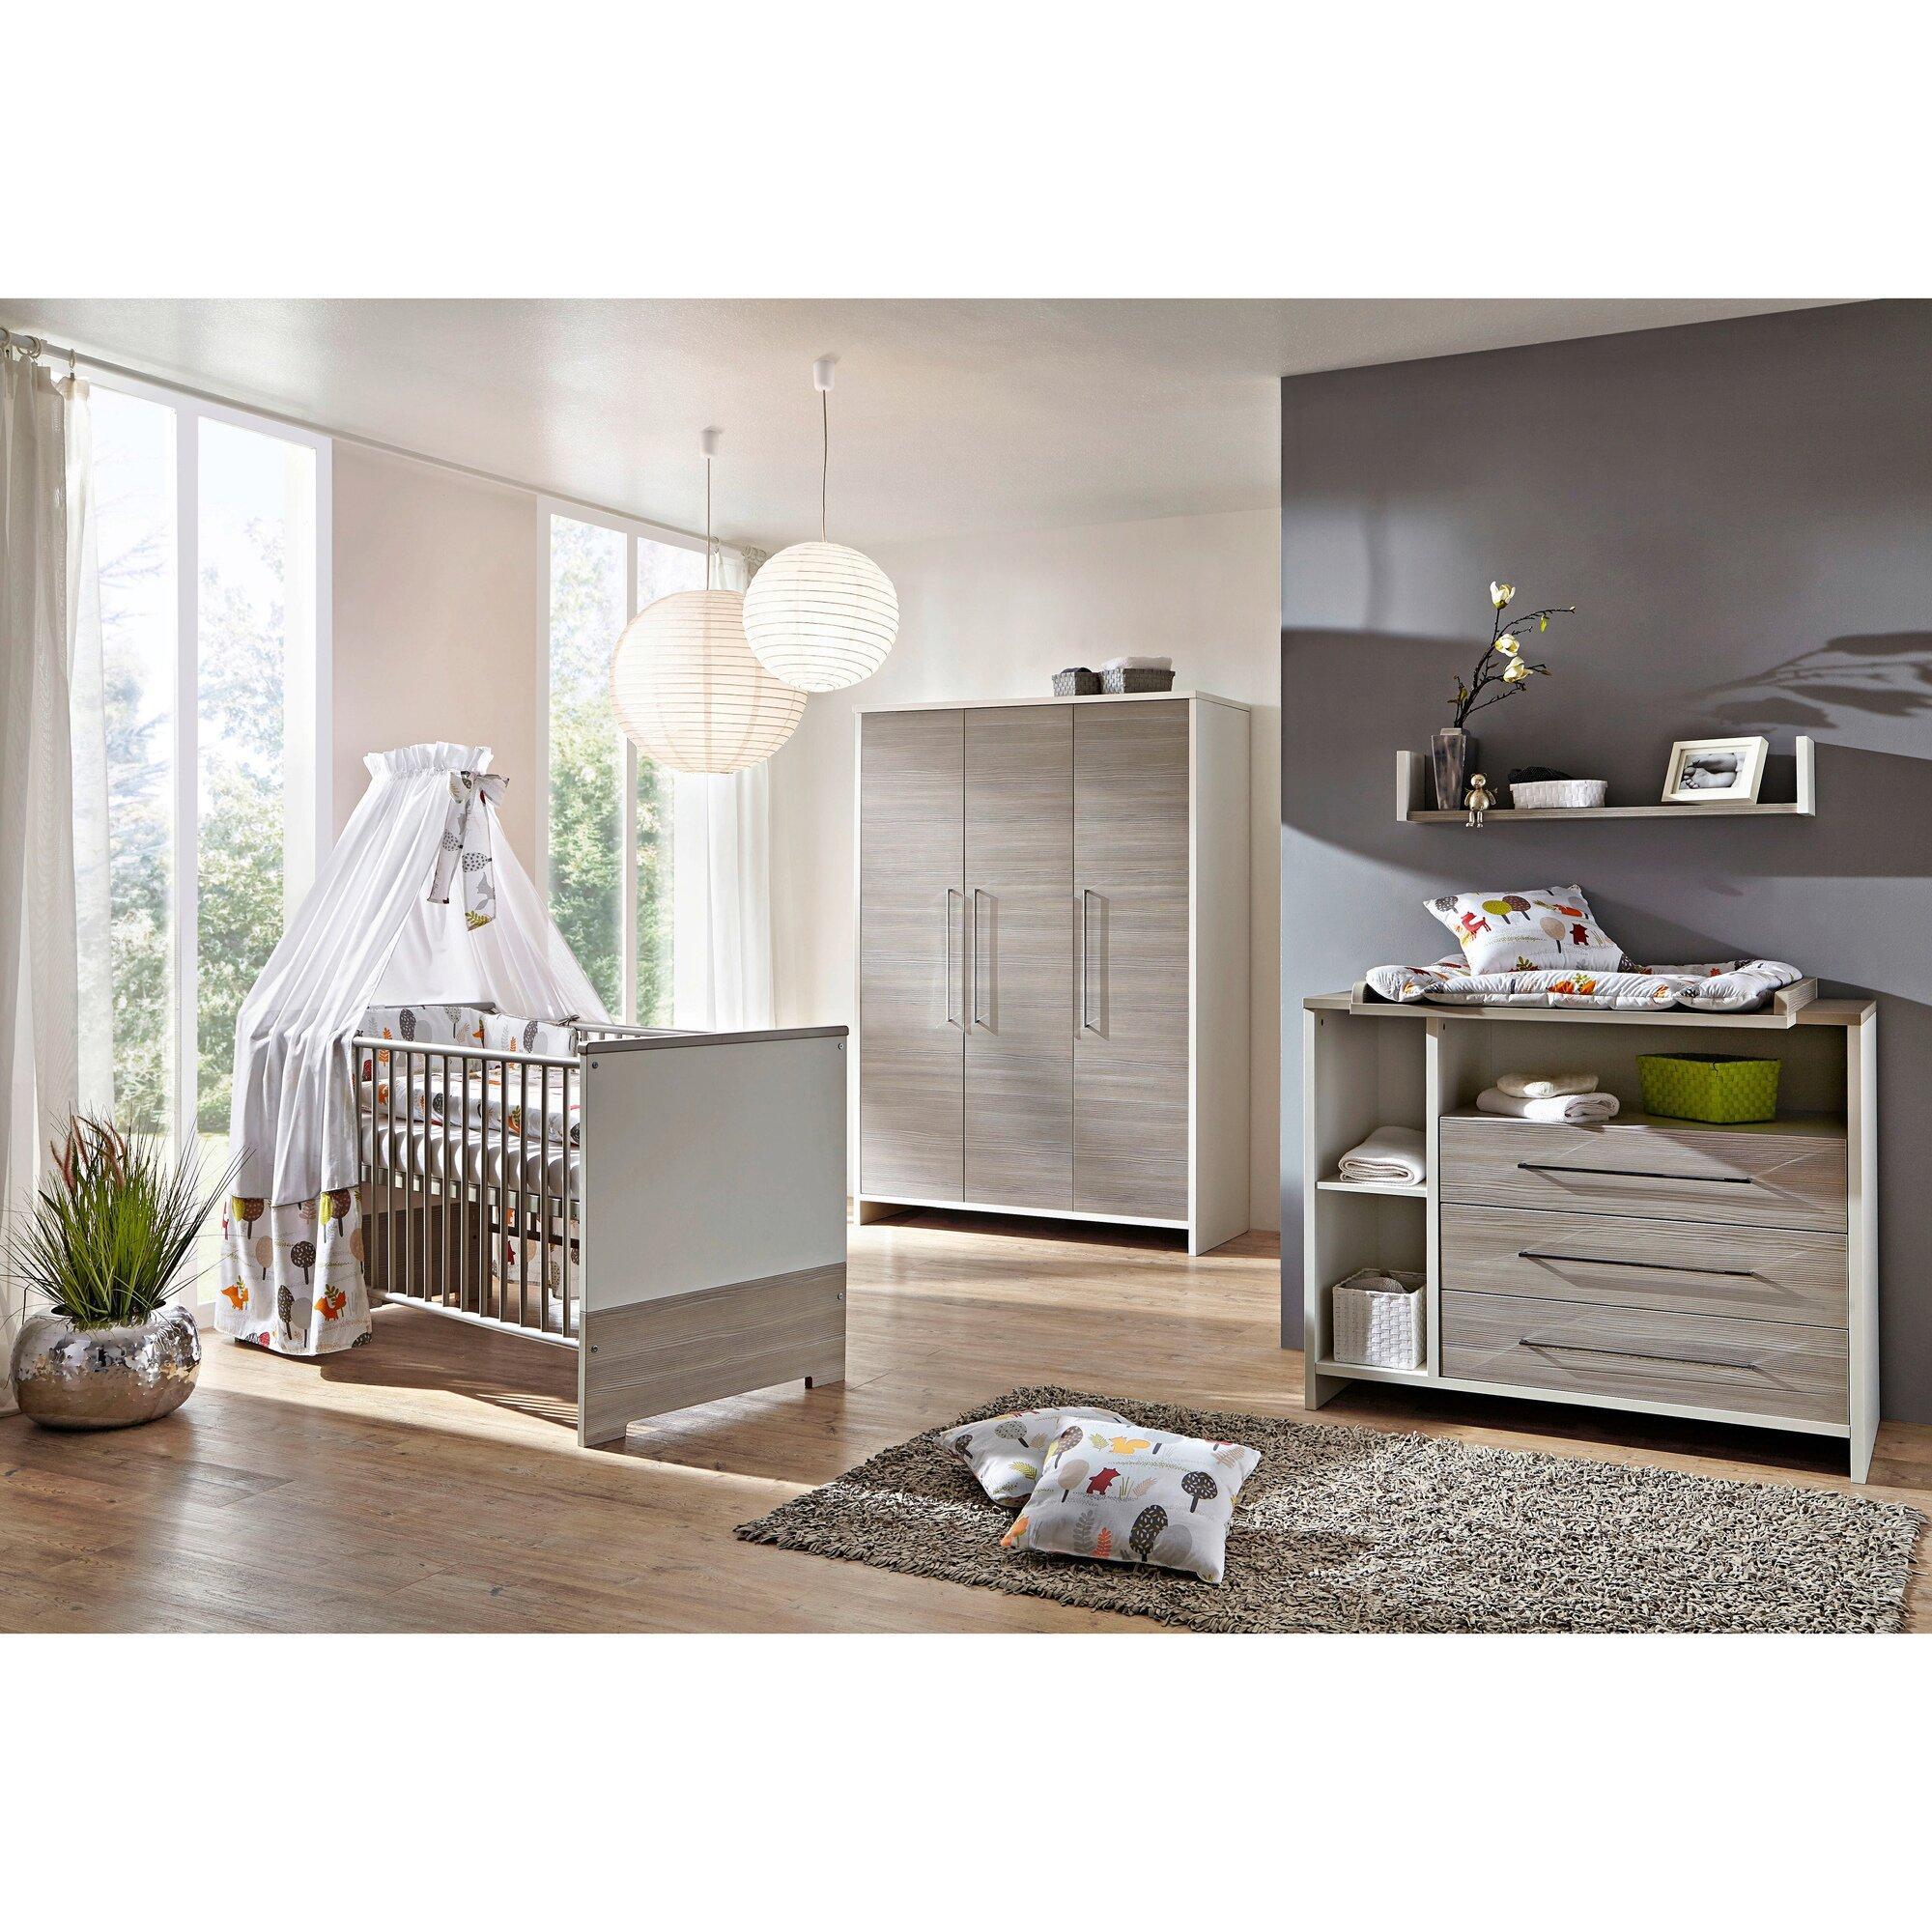 3-tlg. Babyzimmer Eco Silber mit 3-türigem Kleiderschrank